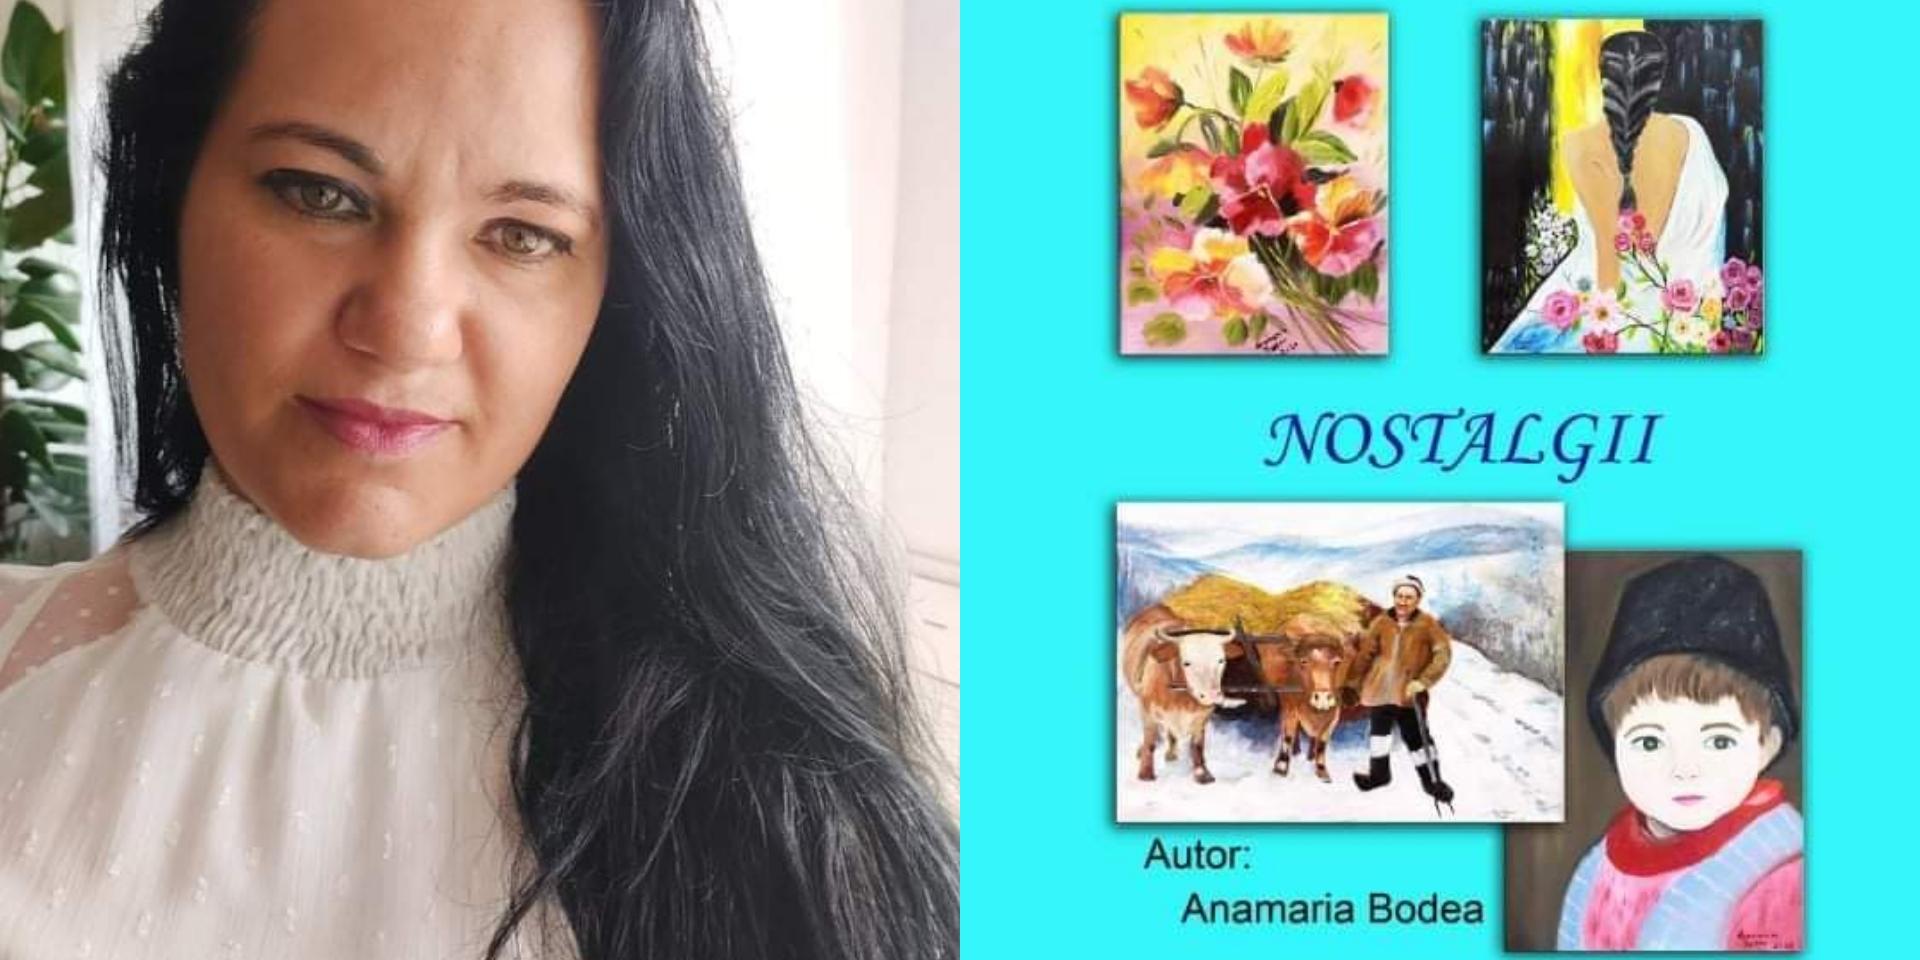 Anamaria Bodea